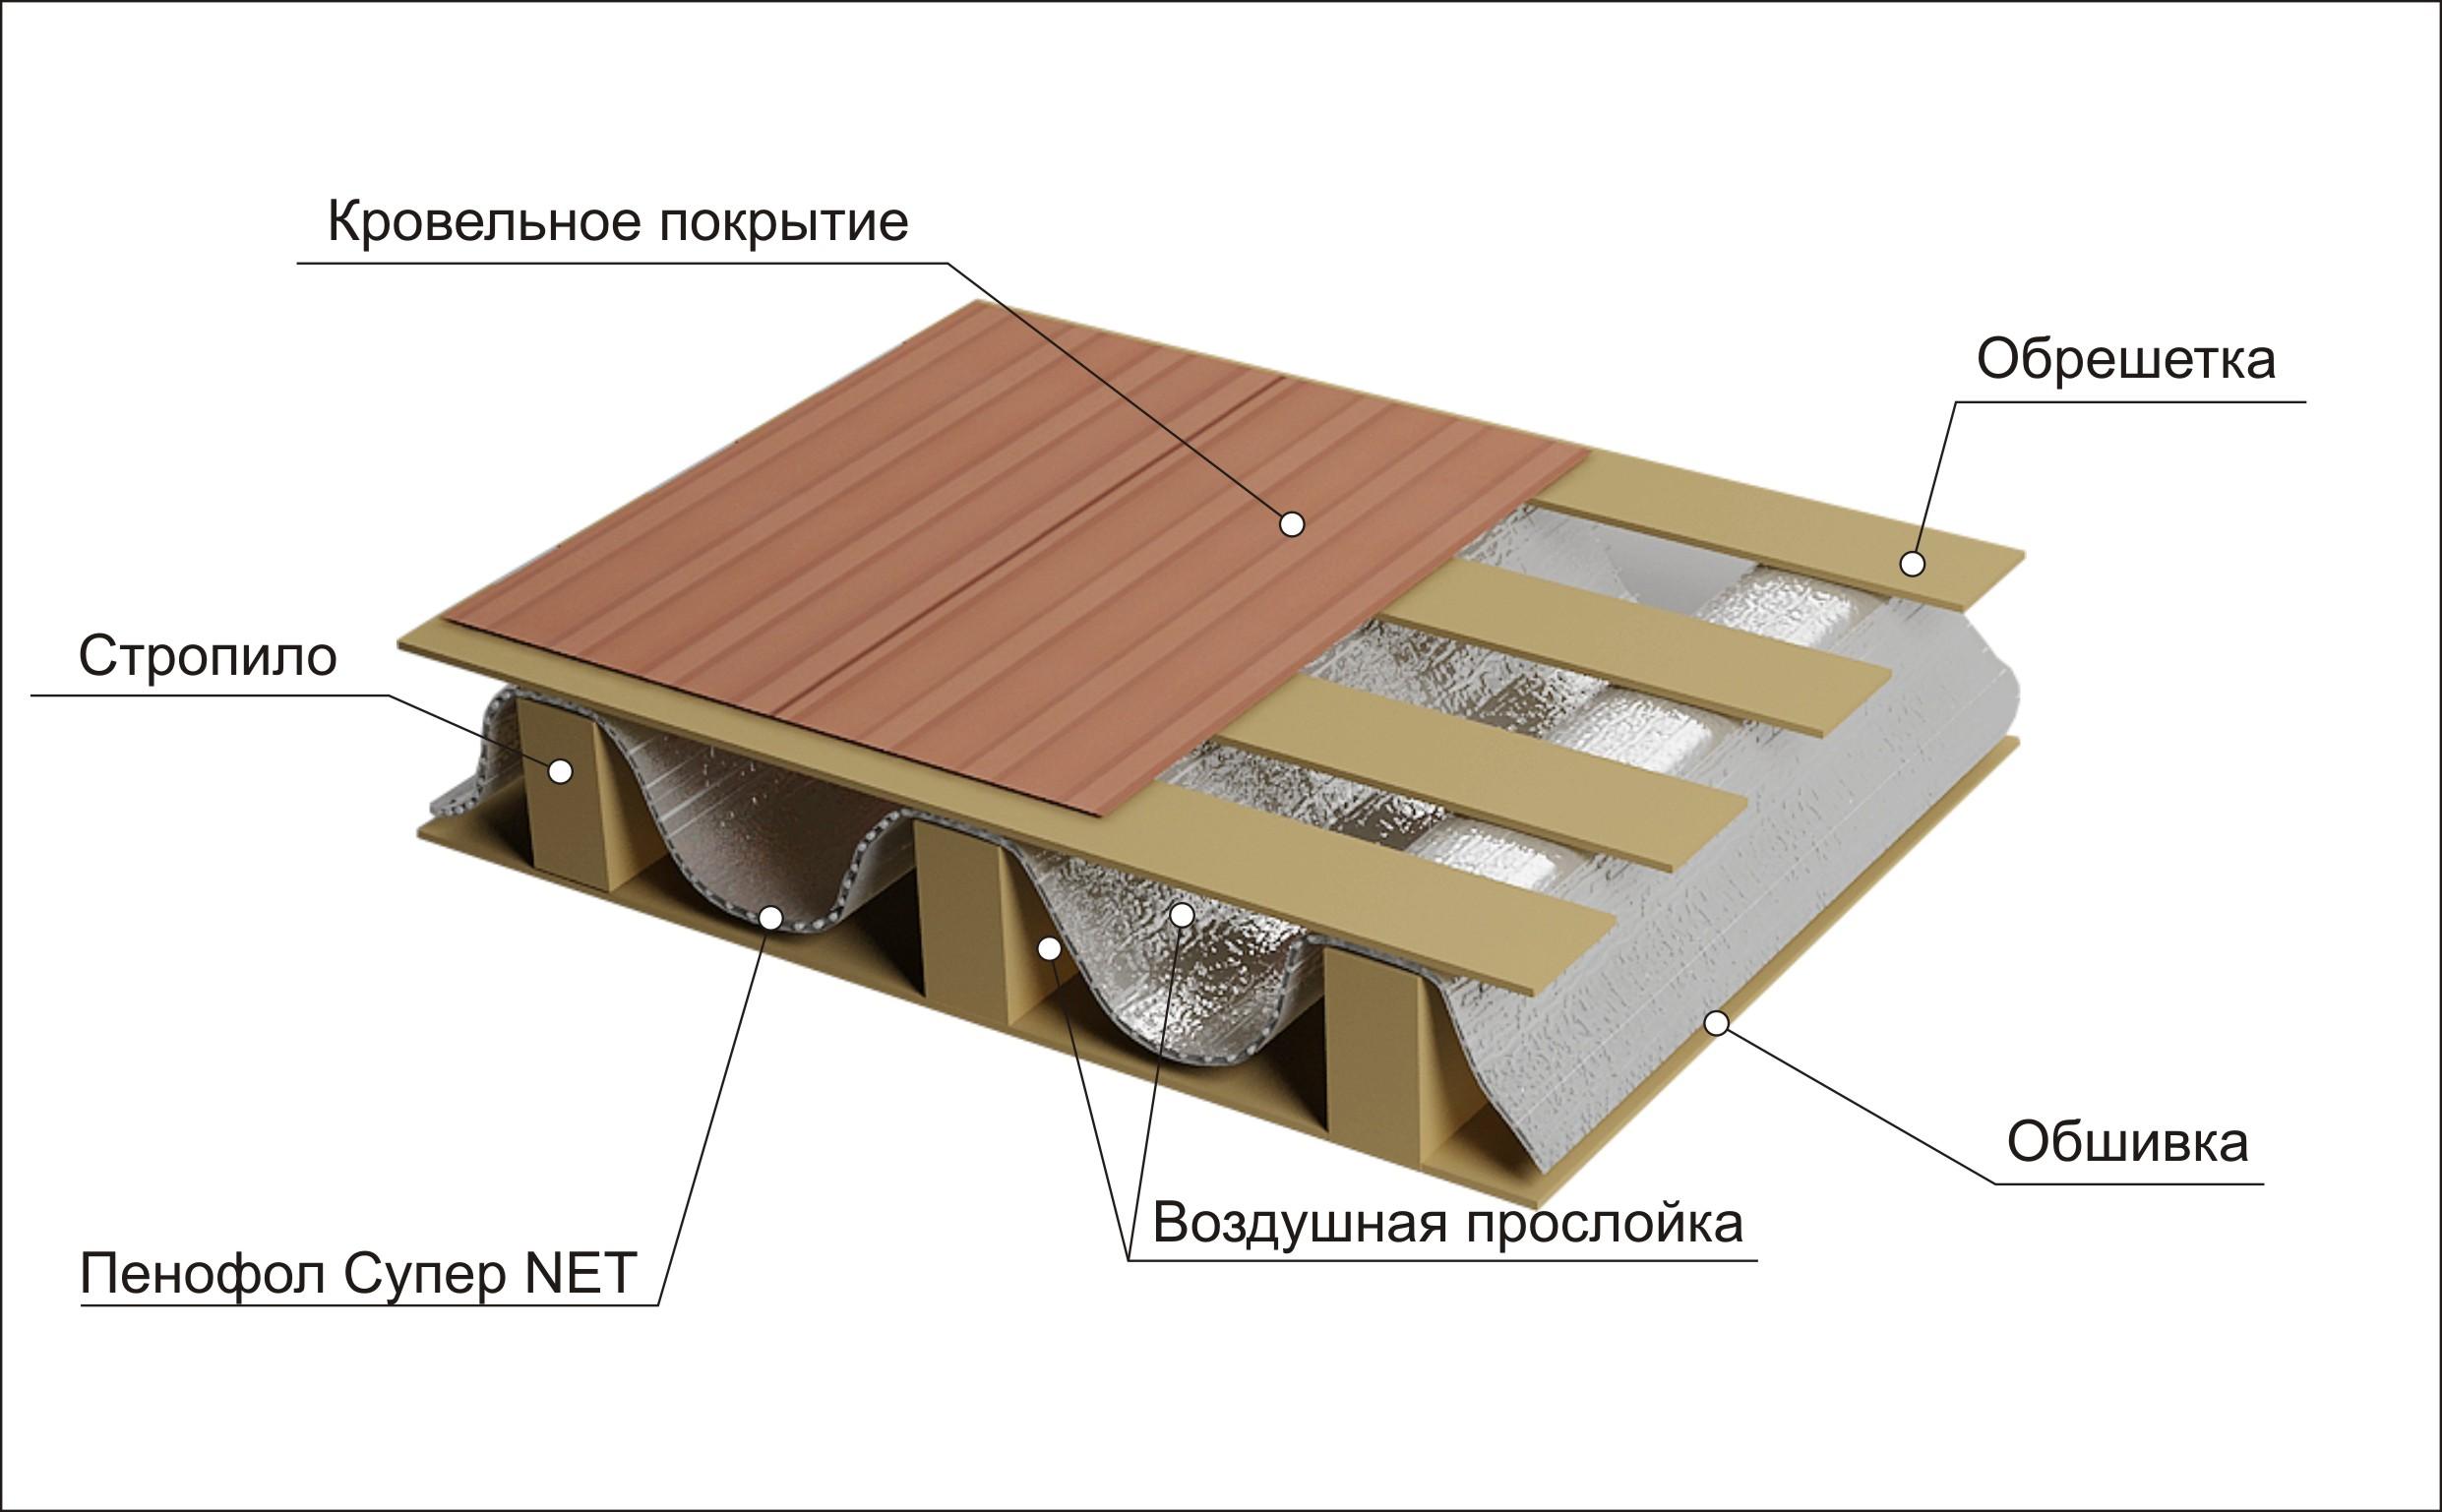 Ремонтный плиточный клей